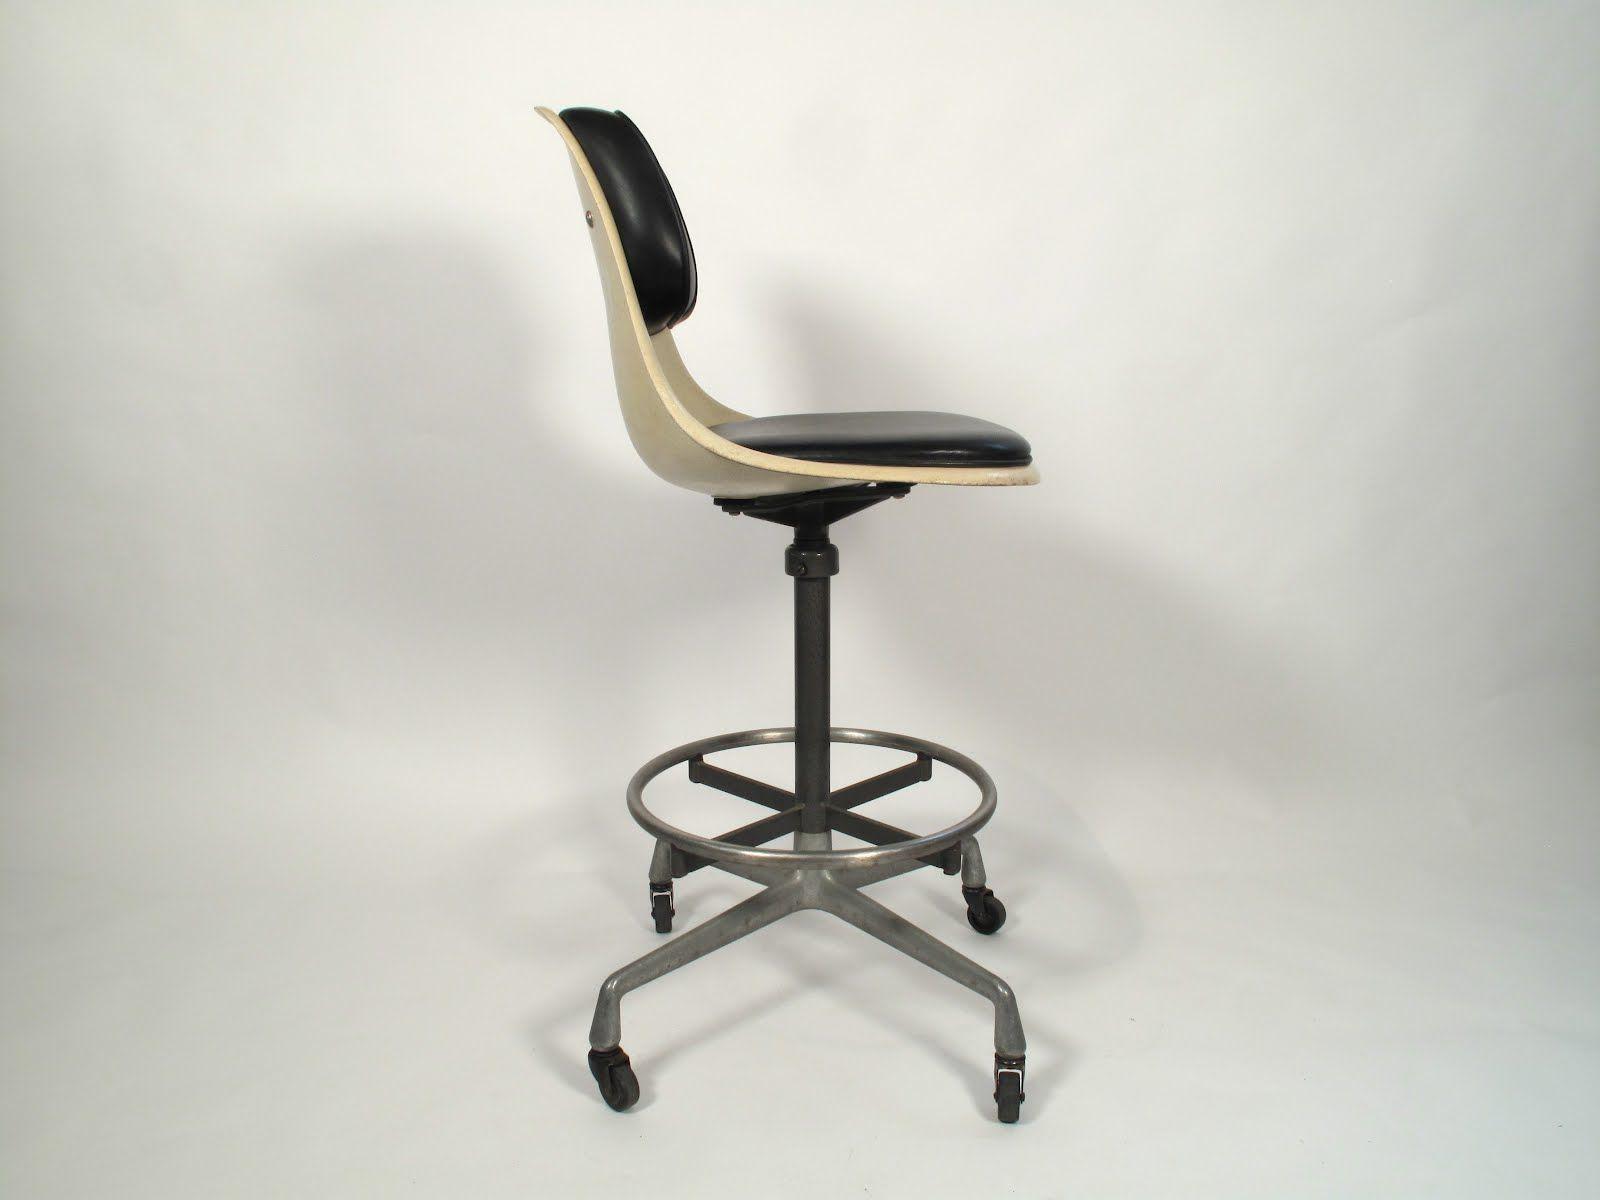 modern drafting chair. Eames Chair For Archaic Drafting Austin Modern N